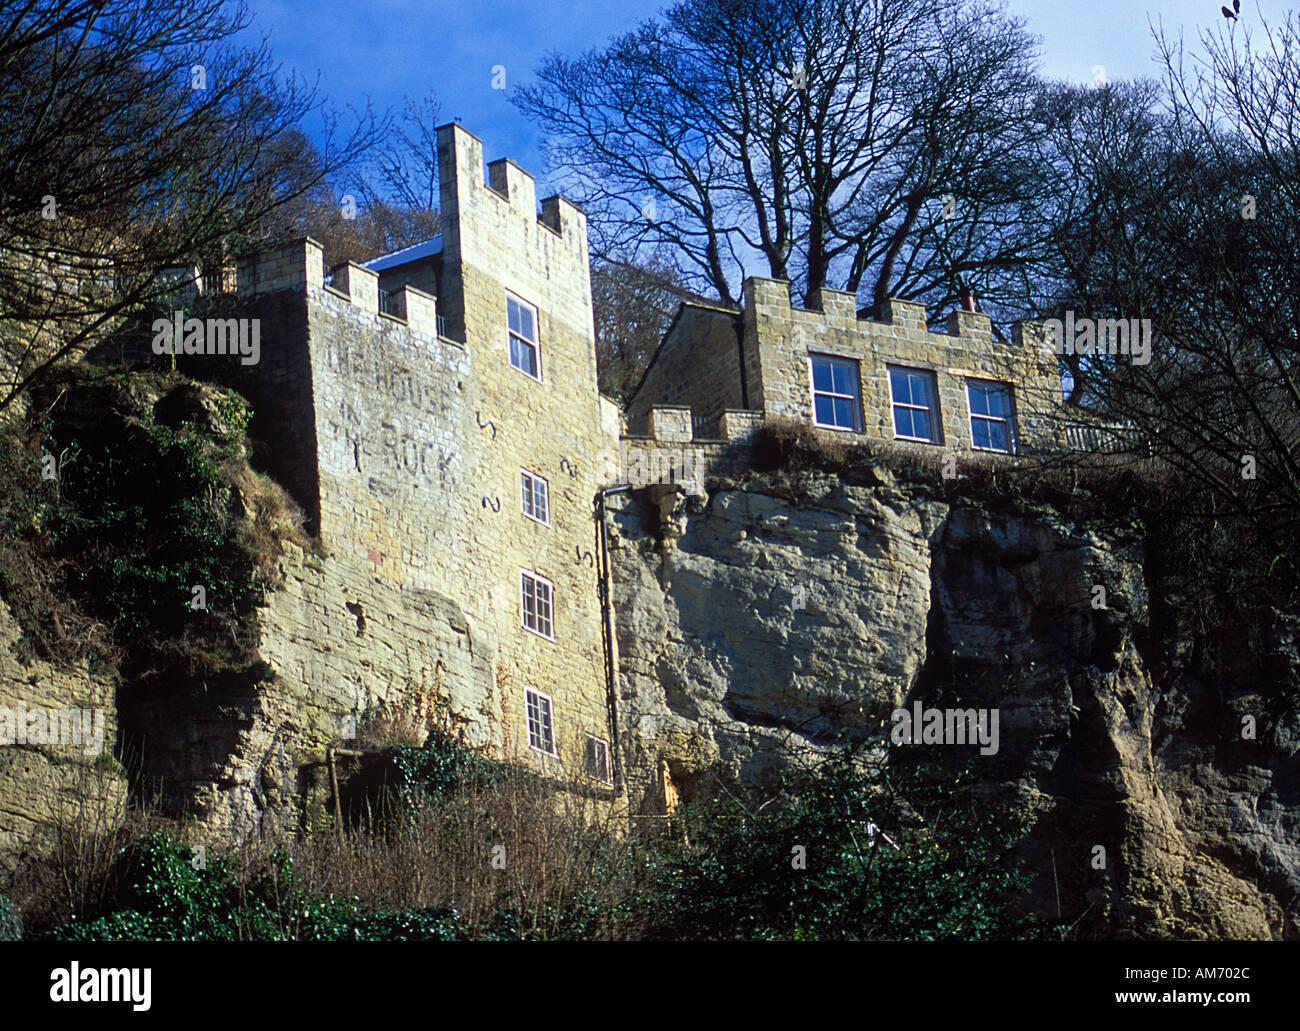 La Casa Nella Roccia.La Casa Nella Roccia Knaresborough Yorkshire Regno Unito Foto